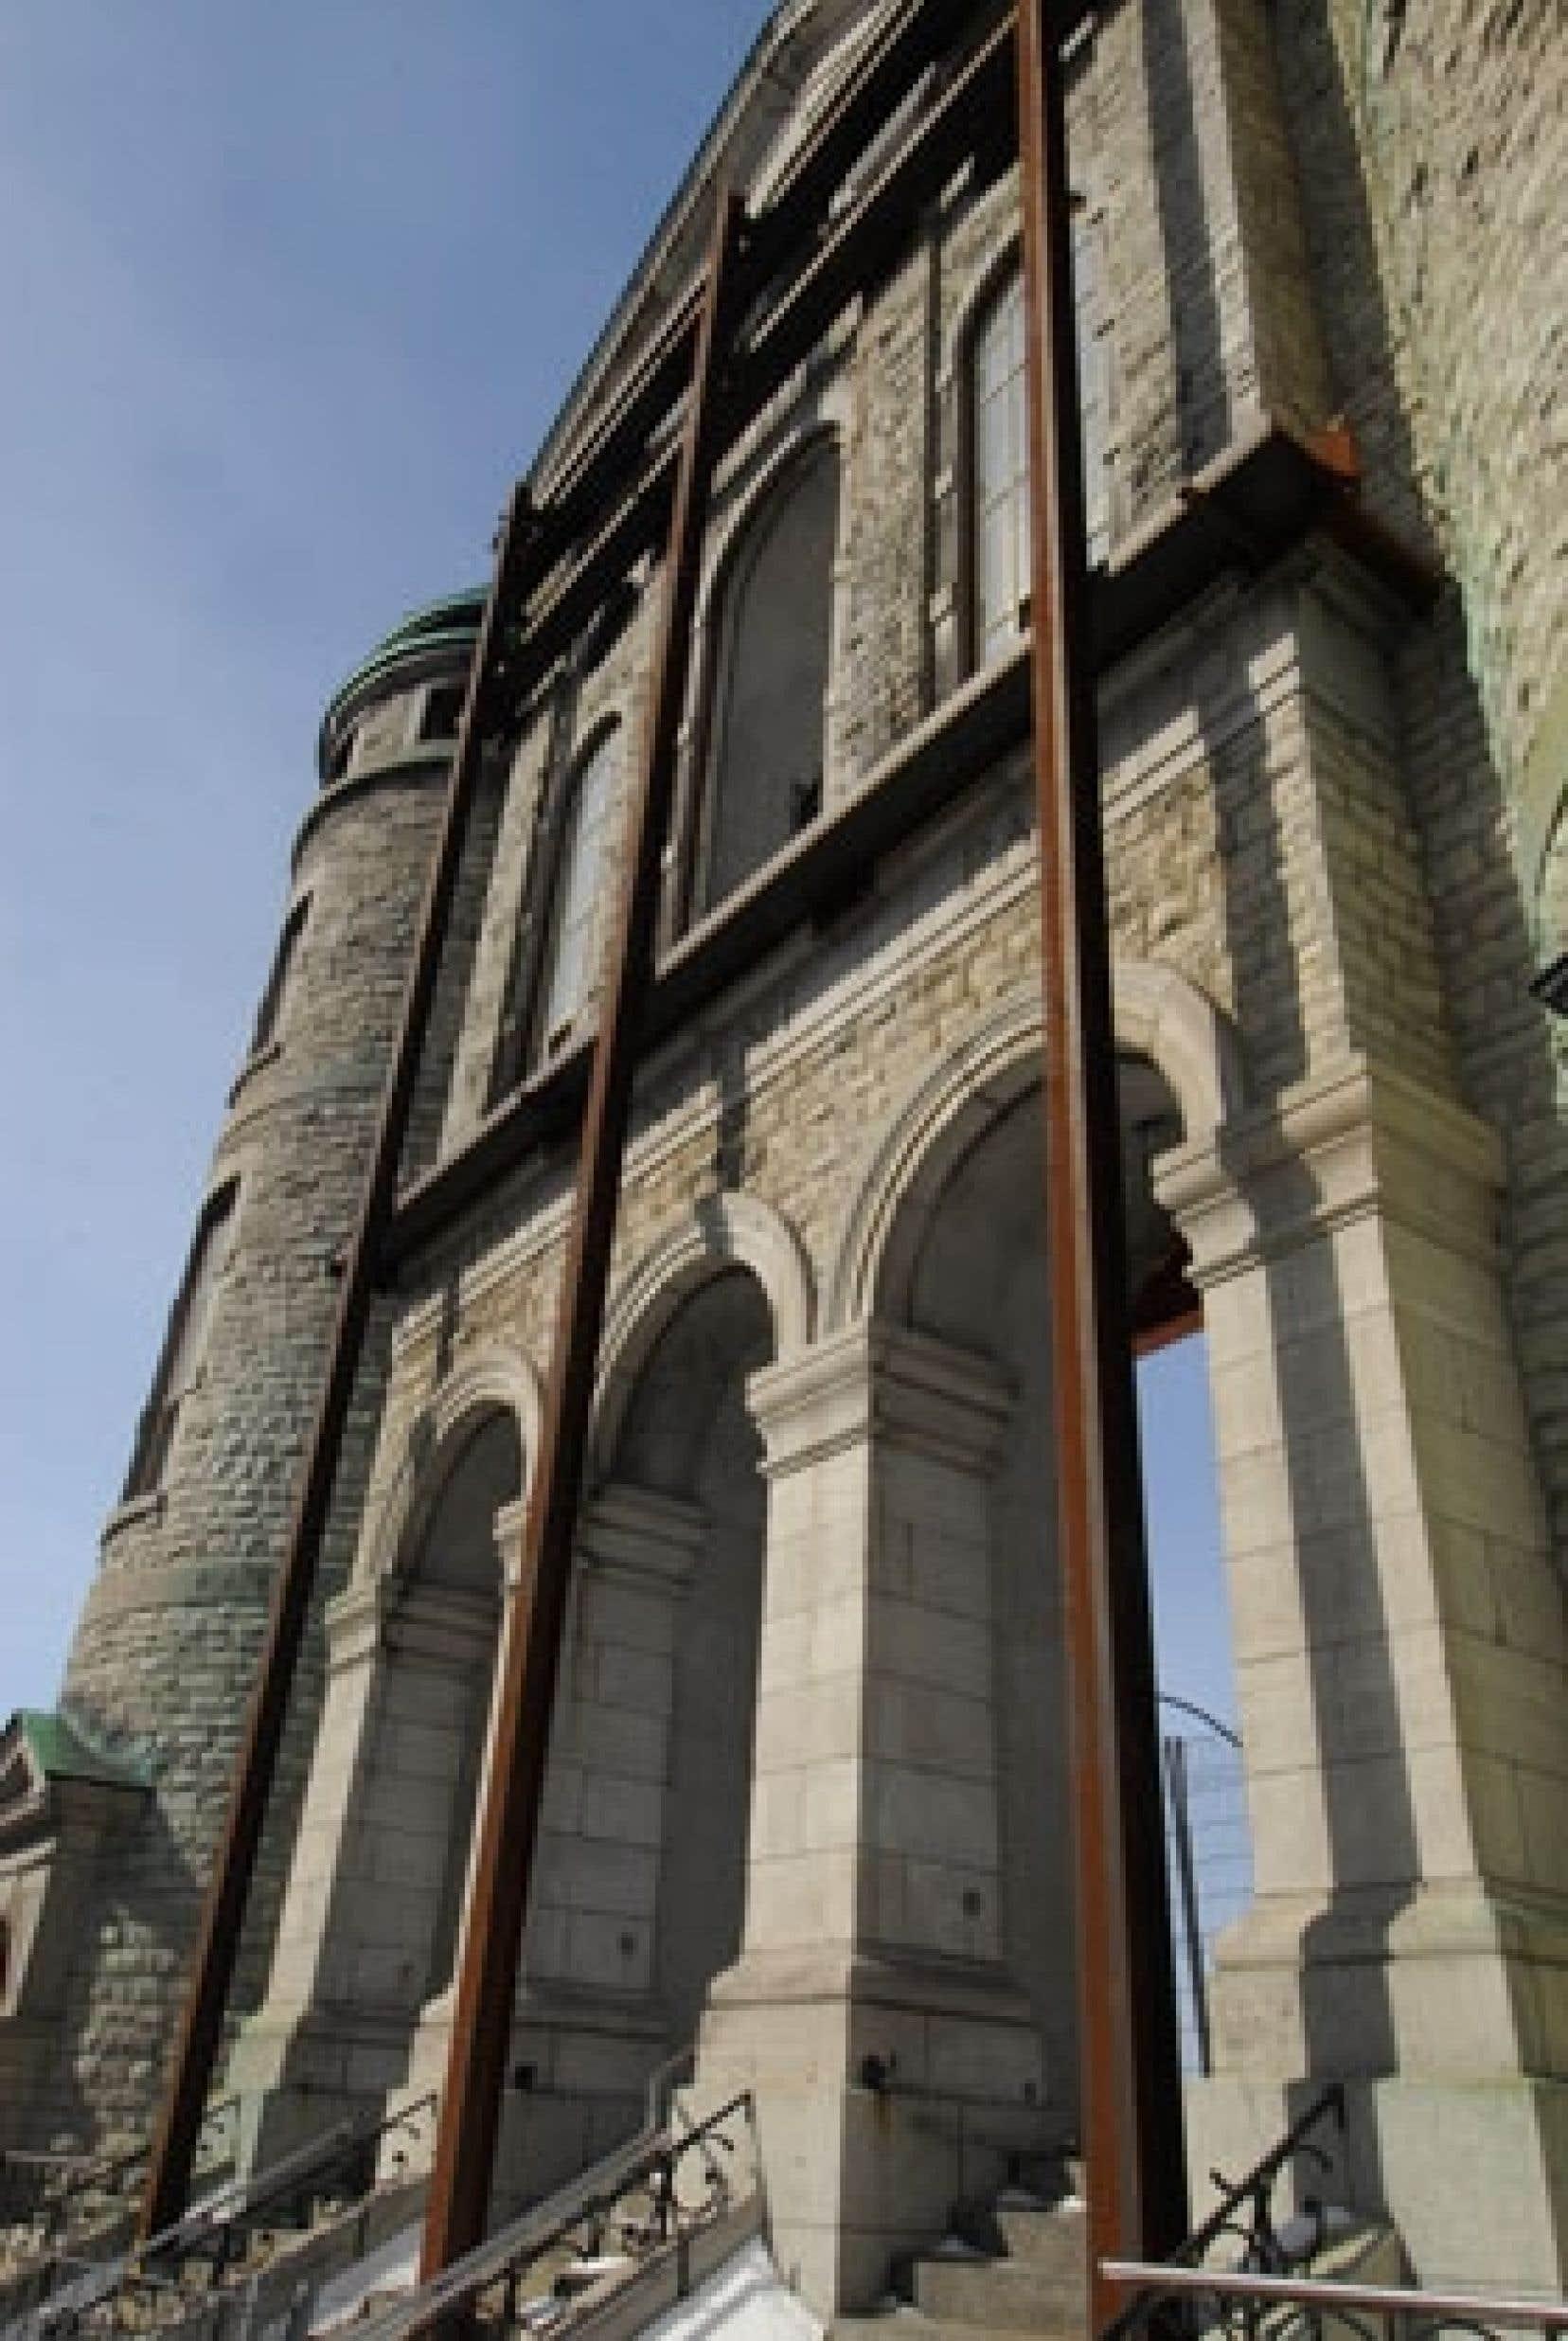 La démolition de la façade de l'église Saint-Vincent-de-Paul menaçait le statut patrimonial accordé à Québec par l'UNESCO, selon la ministre Christine St-Pierre.